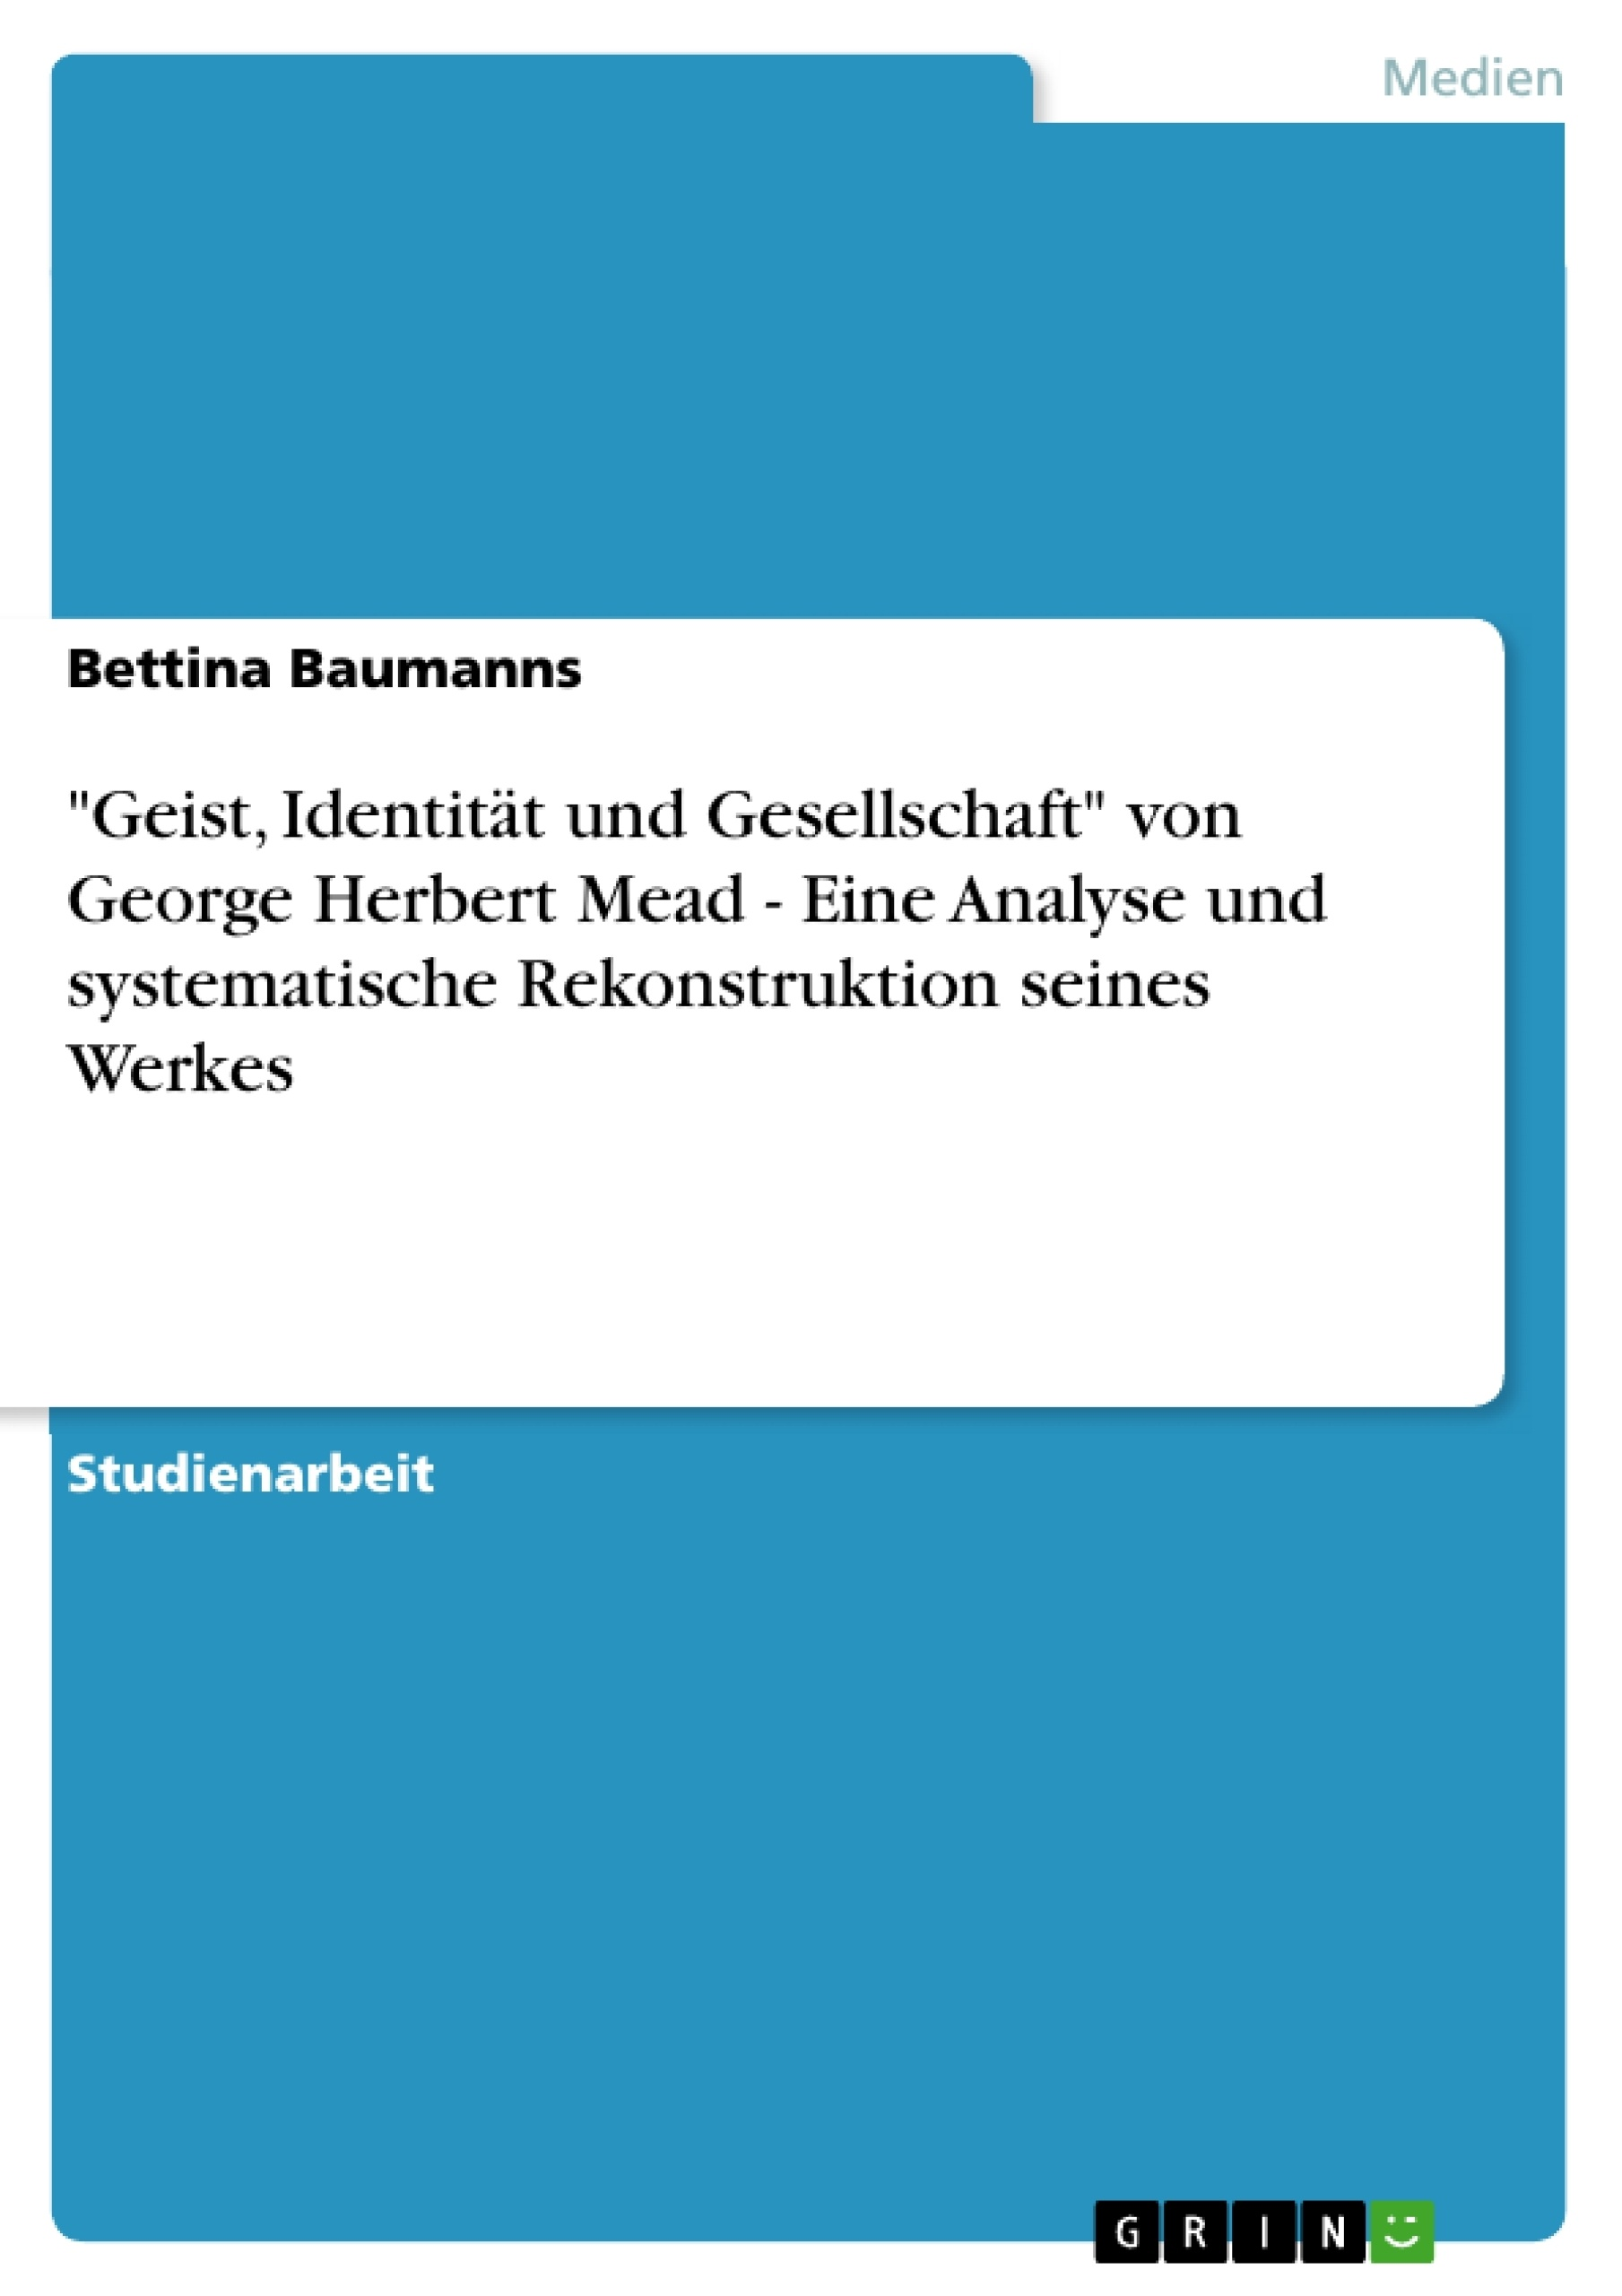 """Titel: """"Geist, Identität und Gesellschaft"""" von George Herbert Mead - Eine Analyse und systematische Rekonstruktion seines Werkes"""